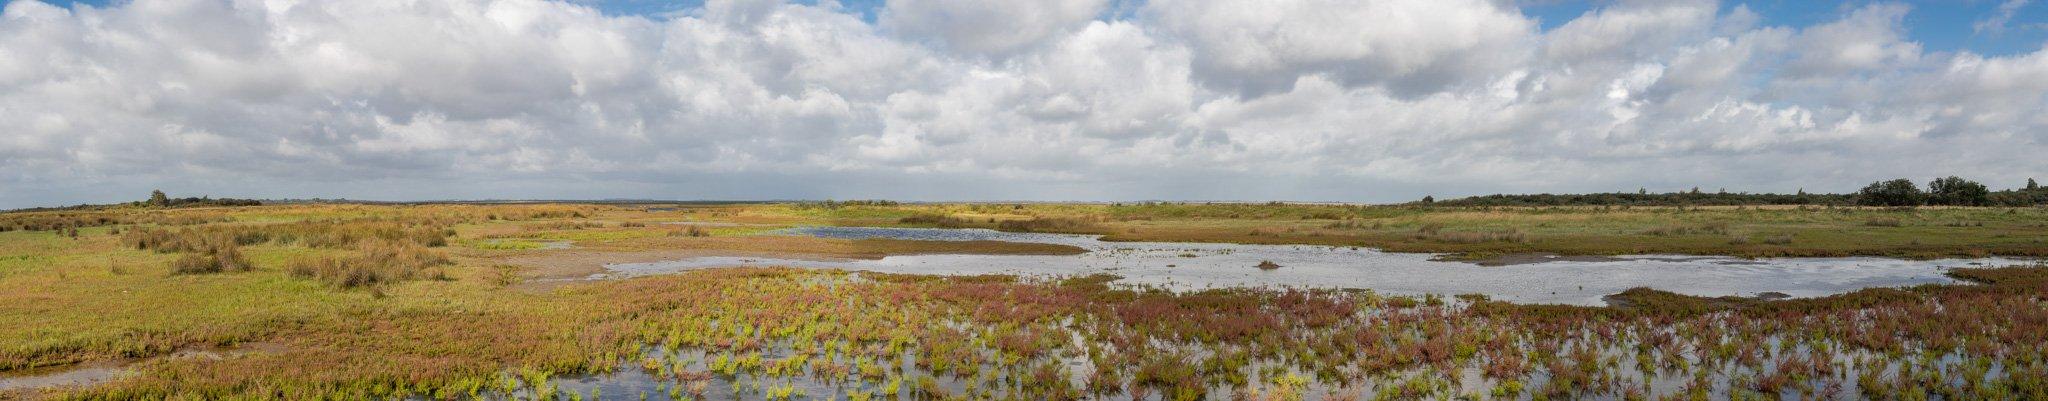 natuur 3 Flakkee panorama